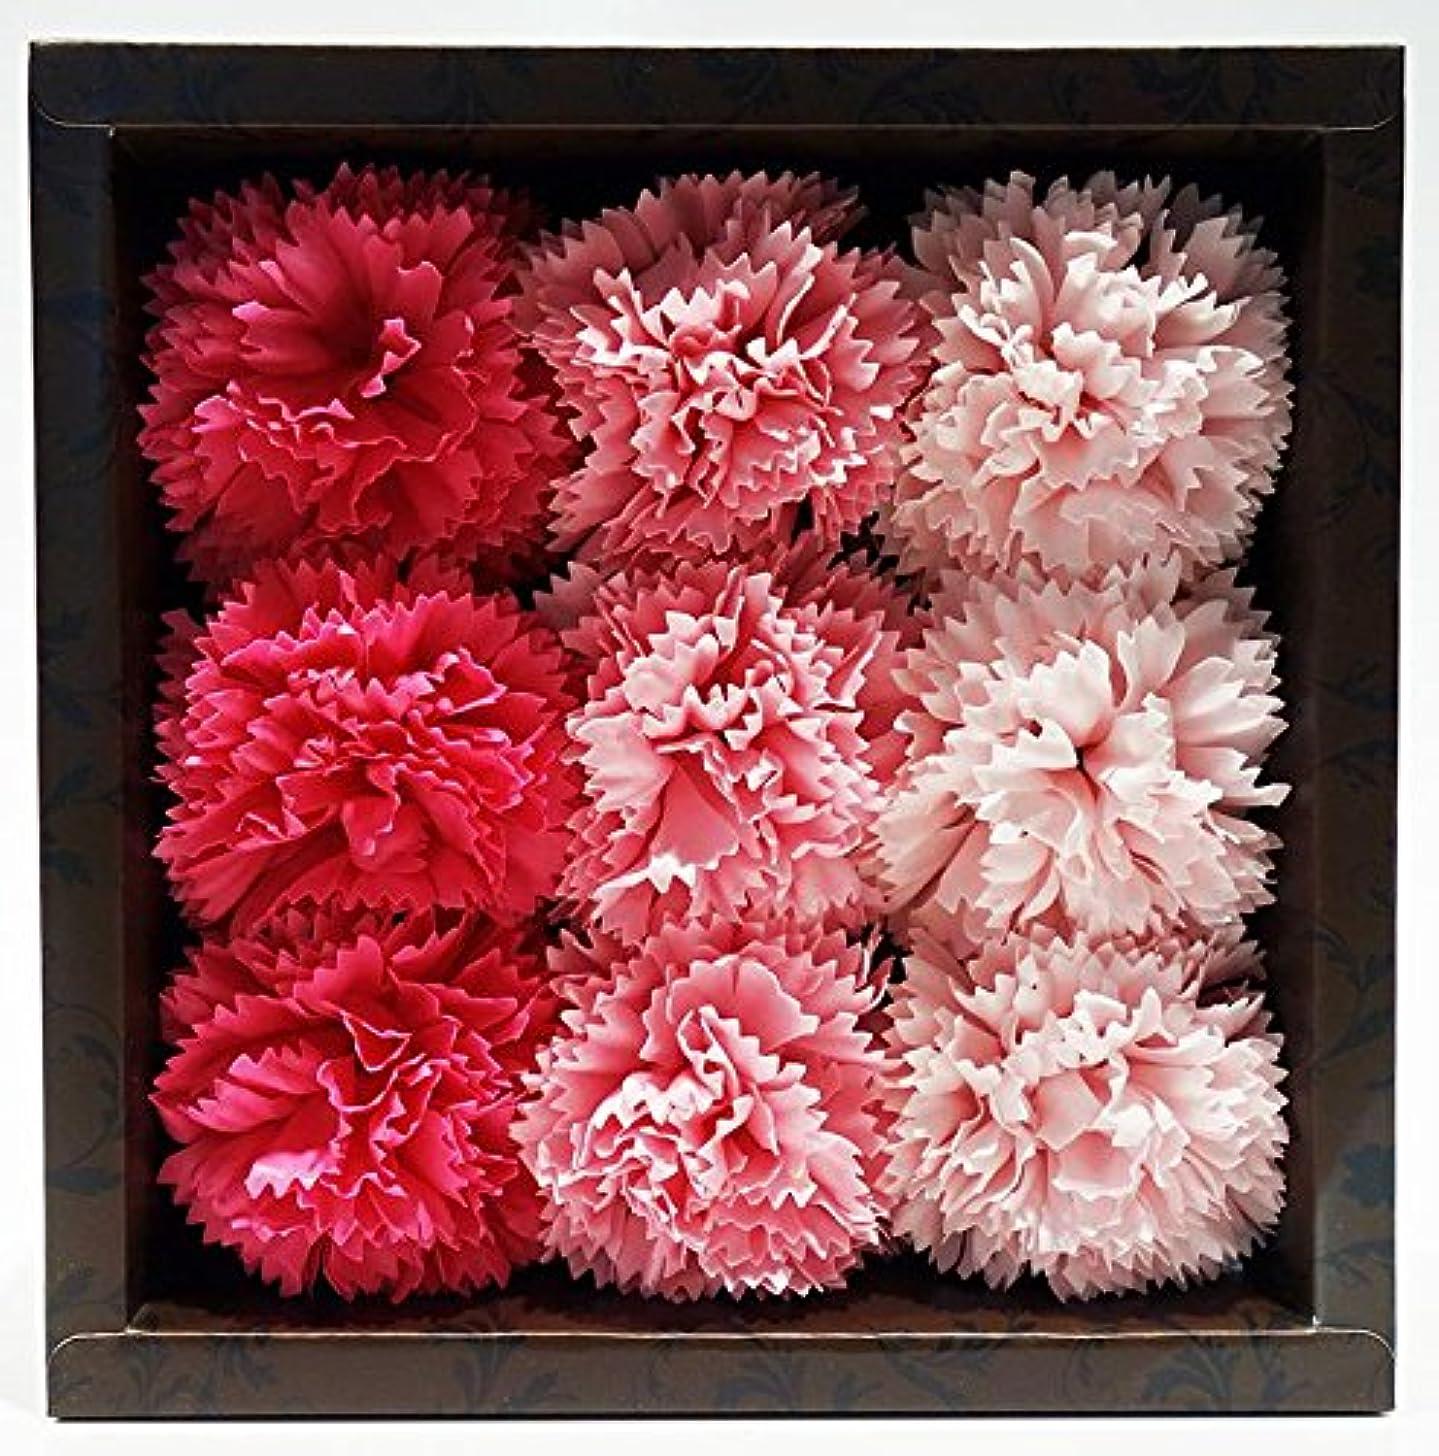 電話をかけるスラム街丁寧バスフレグランス バスフラワー カーネーション ピンクカラー お花の形の入浴剤 母の日 プレゼント ギフト